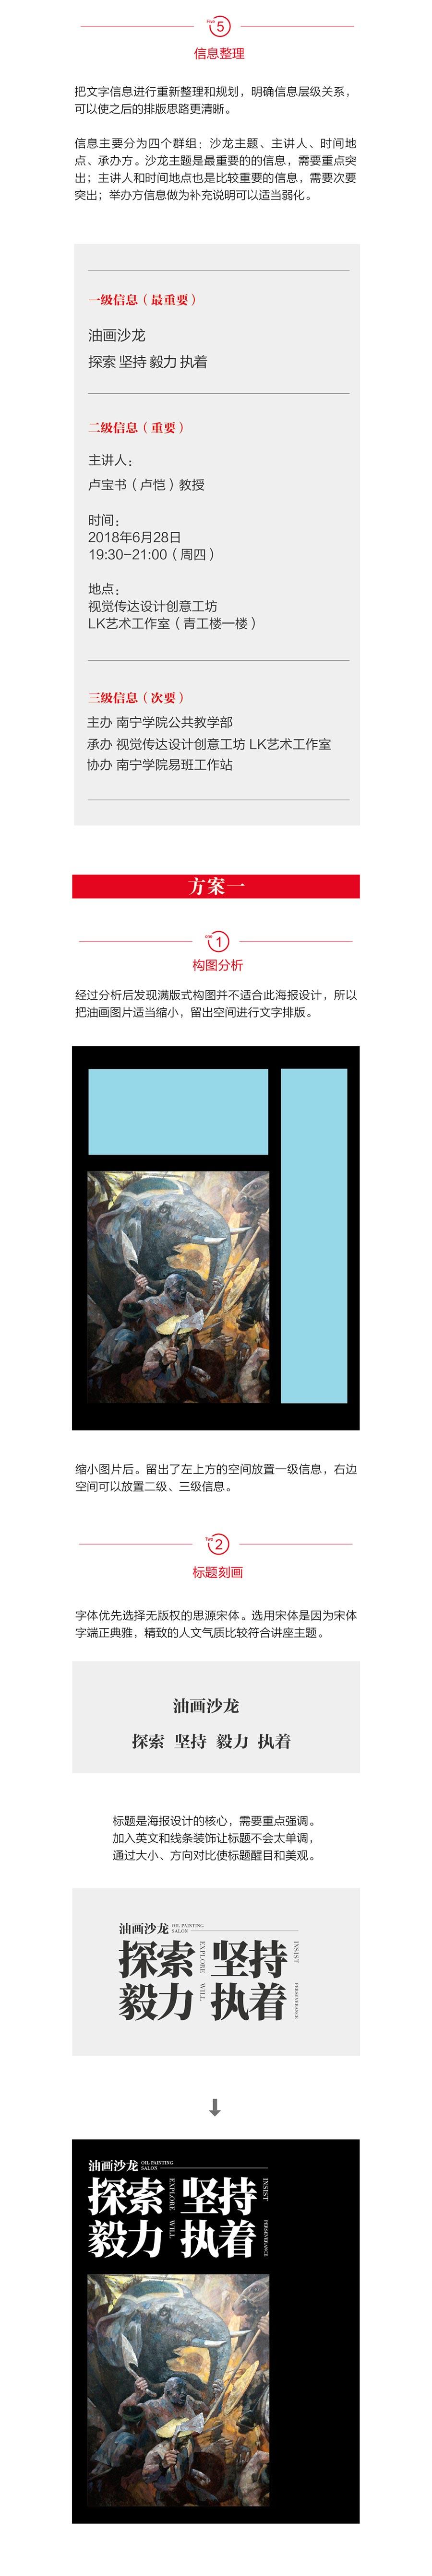 設計師詳細解析油畫沙龍海報的修改示范